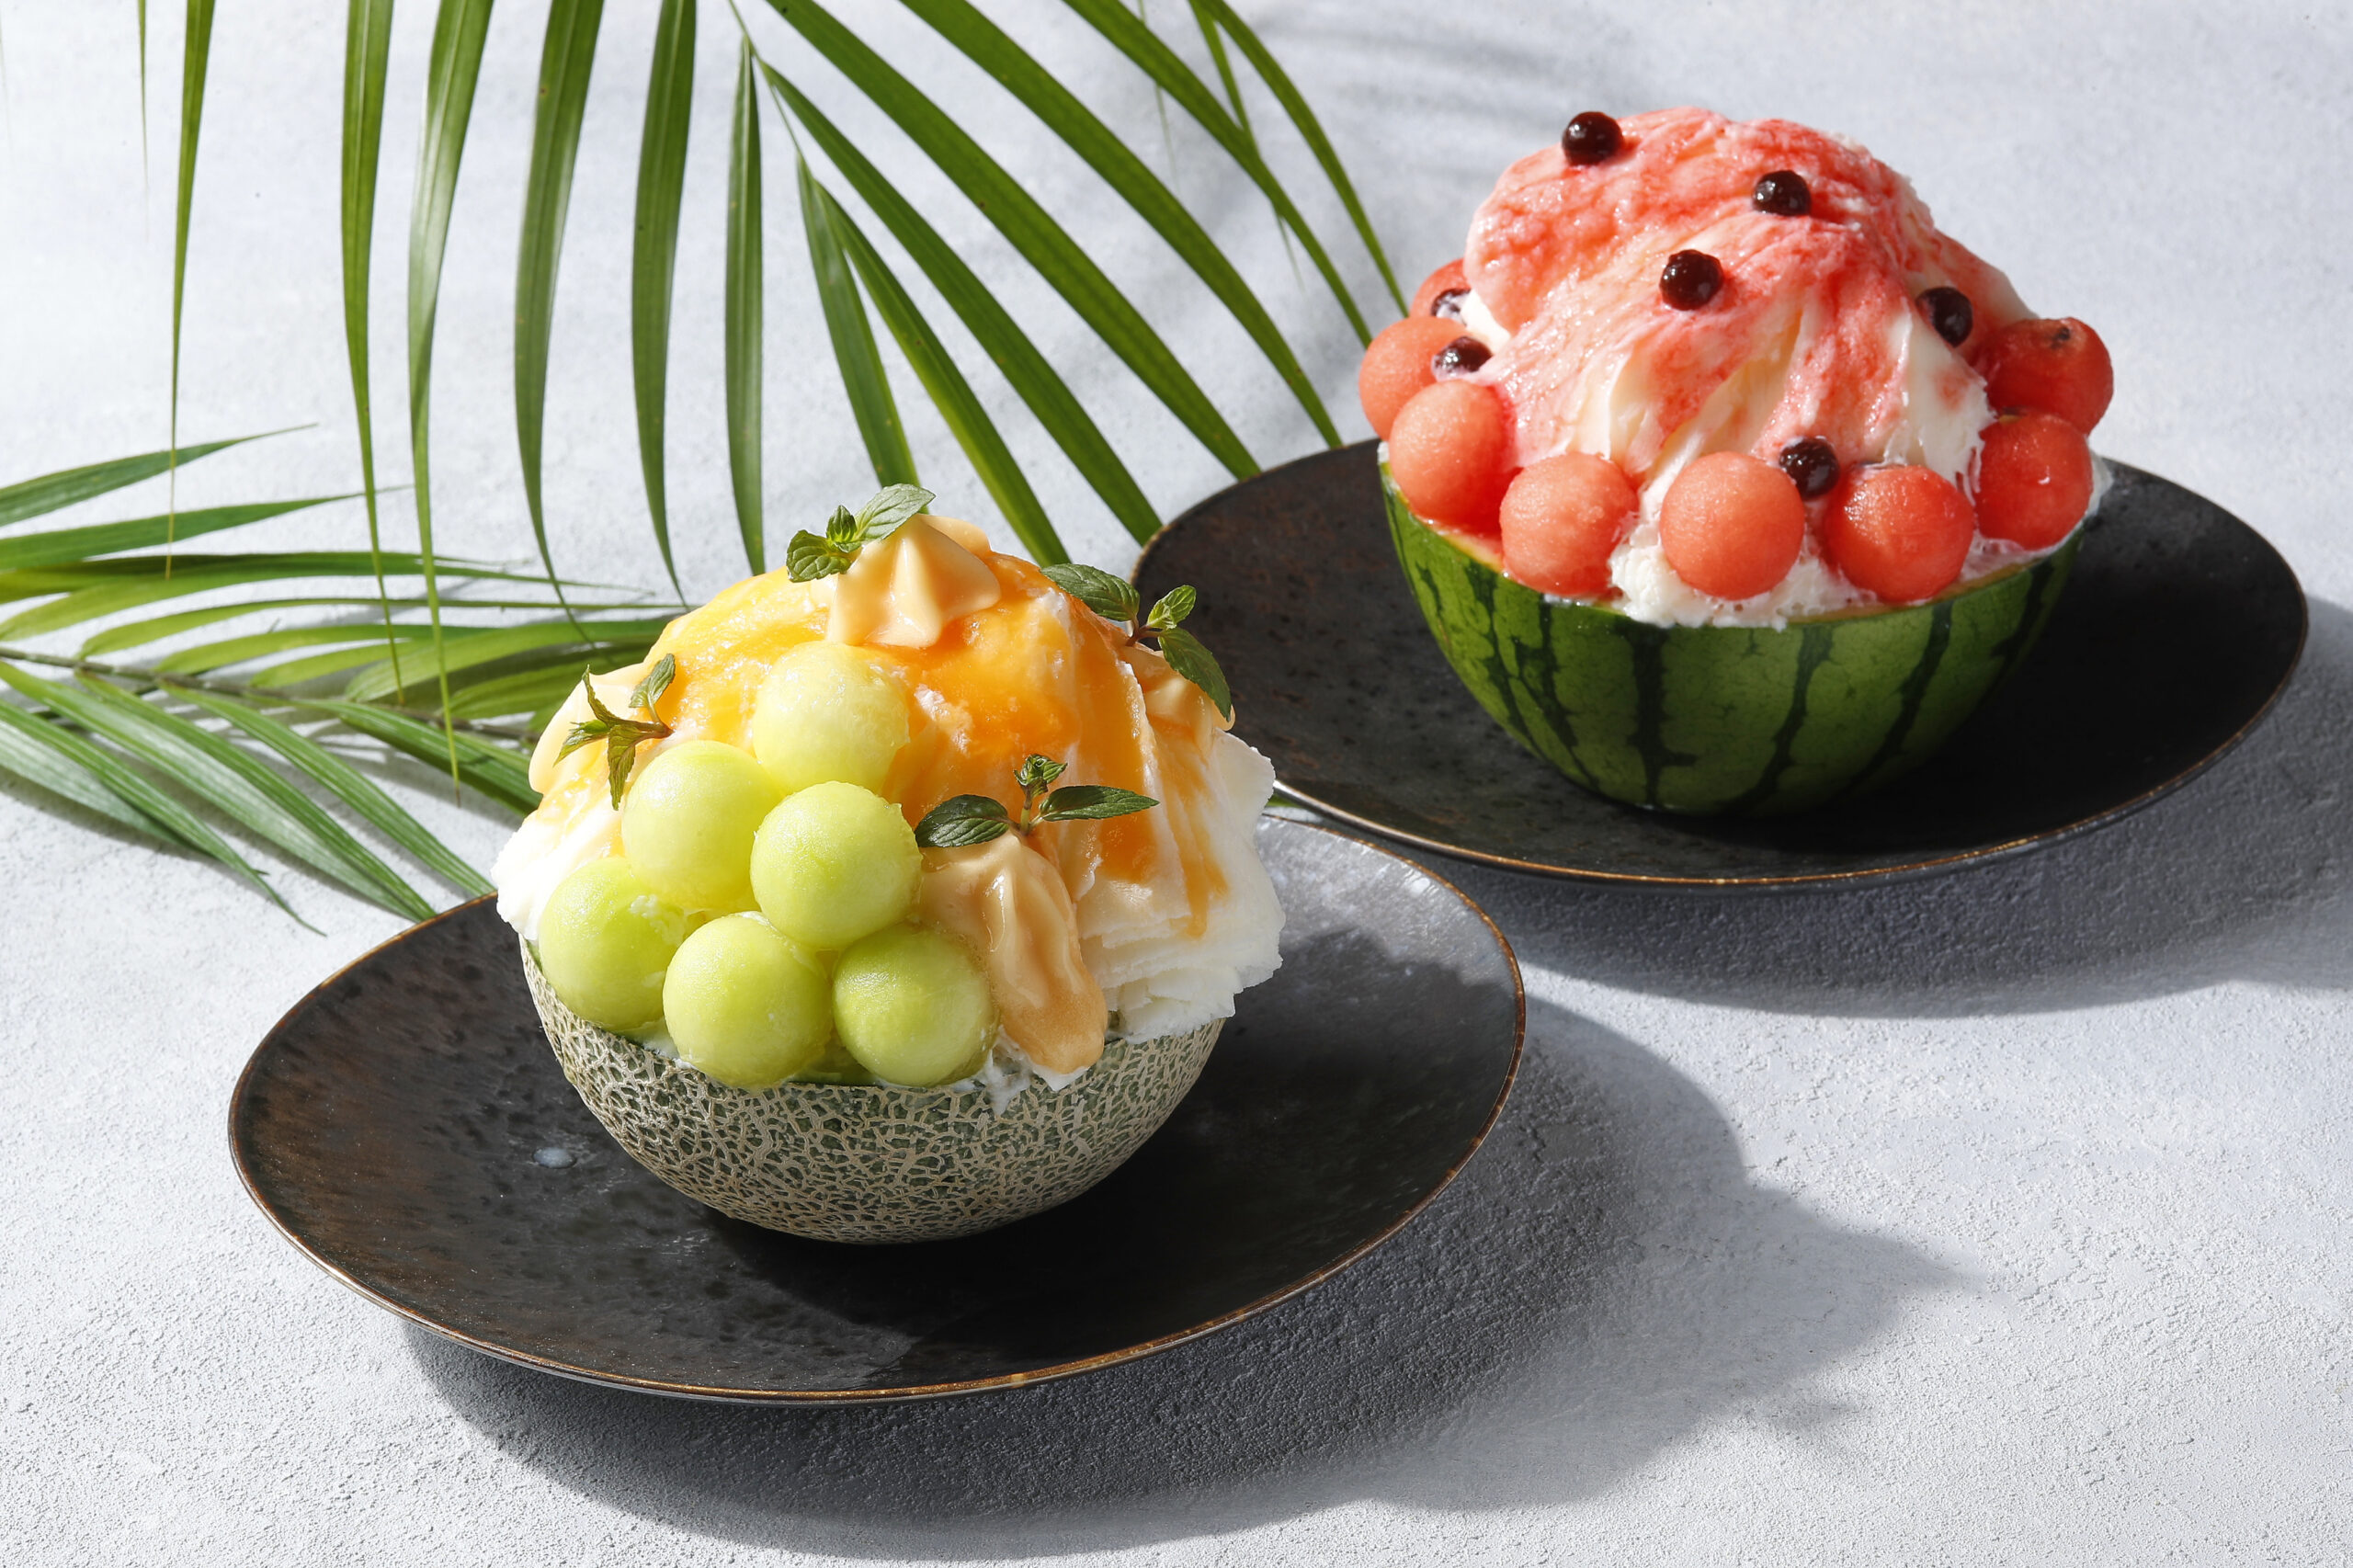 《ホテル雅叙園東京で「大人のかき氷」》 緑あふれる爽やかなテラスで大人な夏のグルメをCafé&Bar「結庵」で愉しむ